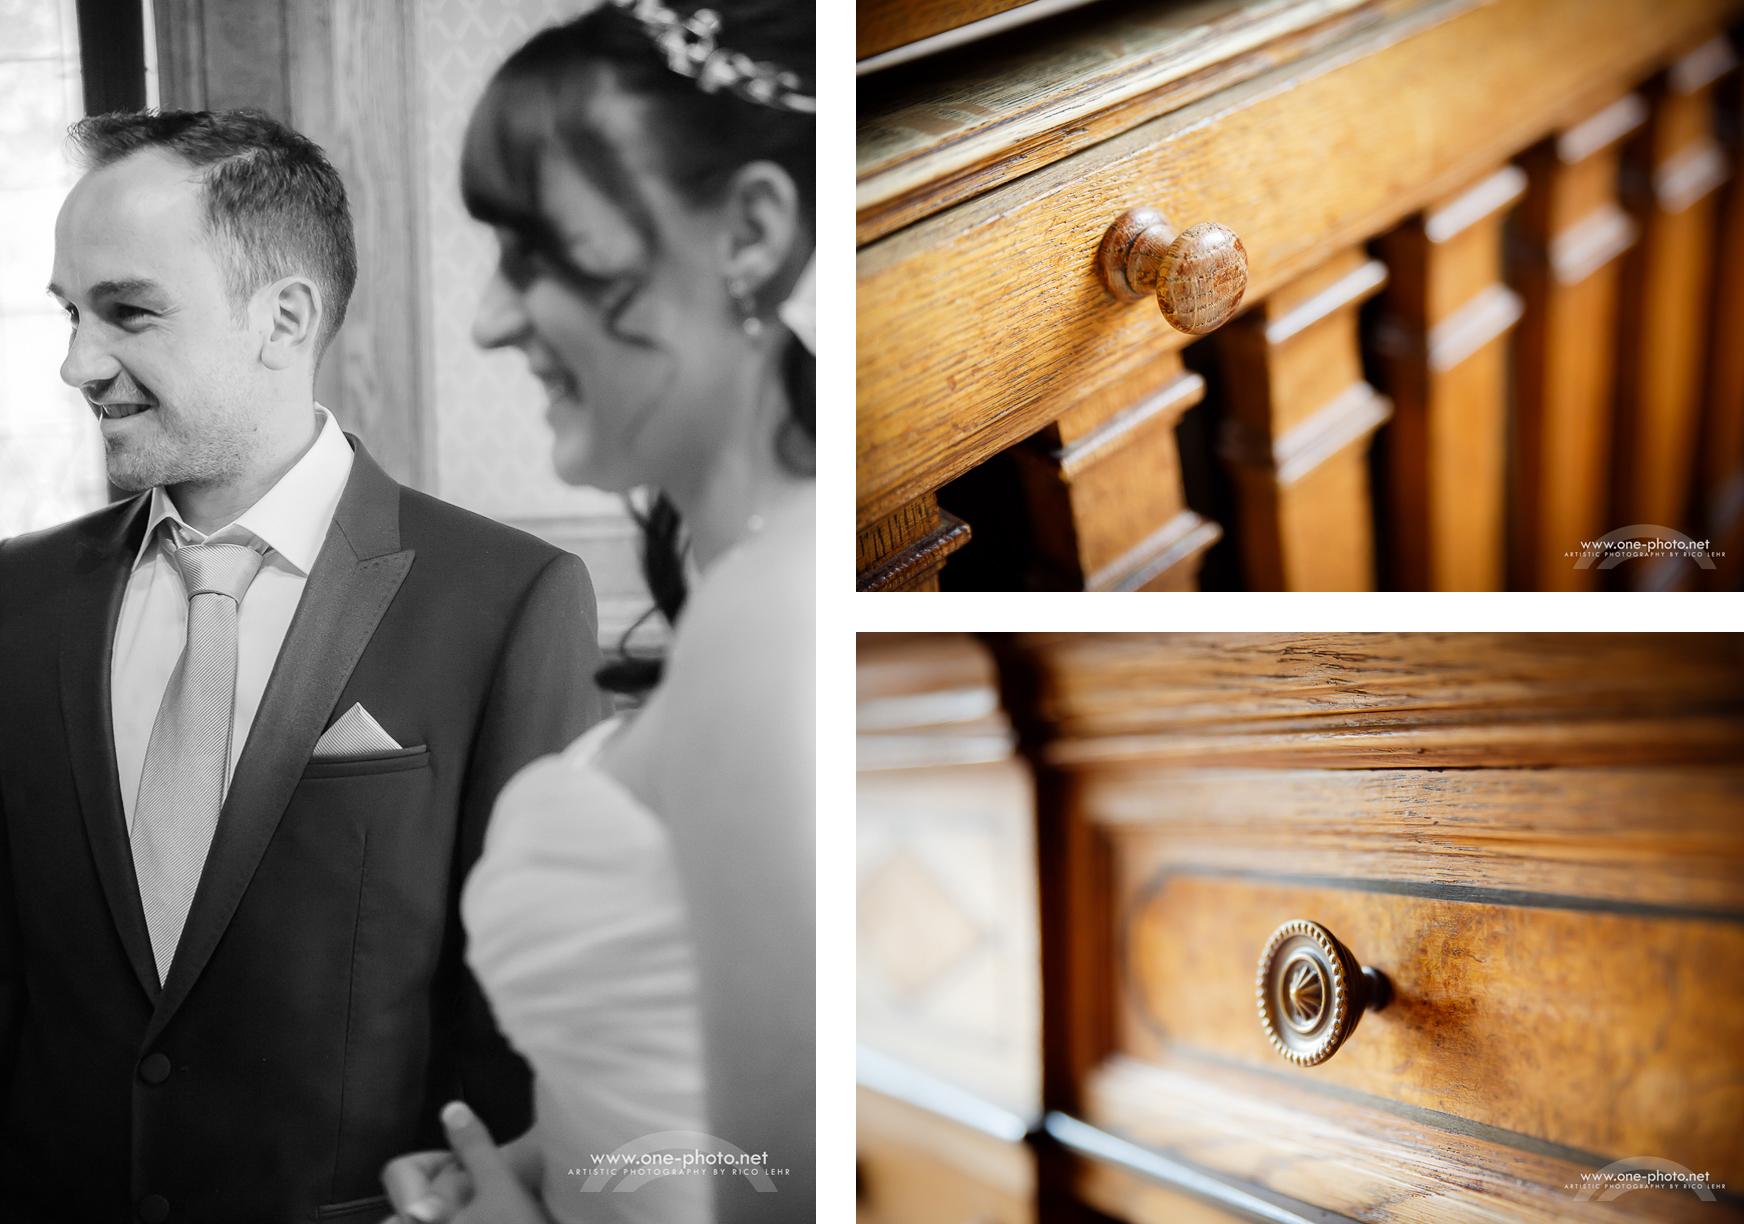 1-Hochzeit-Fotograf-Pirna-Dresden-Standesamt-Schillergarten-Rico-Lehr-one-photo-21-von-94-Rico Lehr-www.one-photo